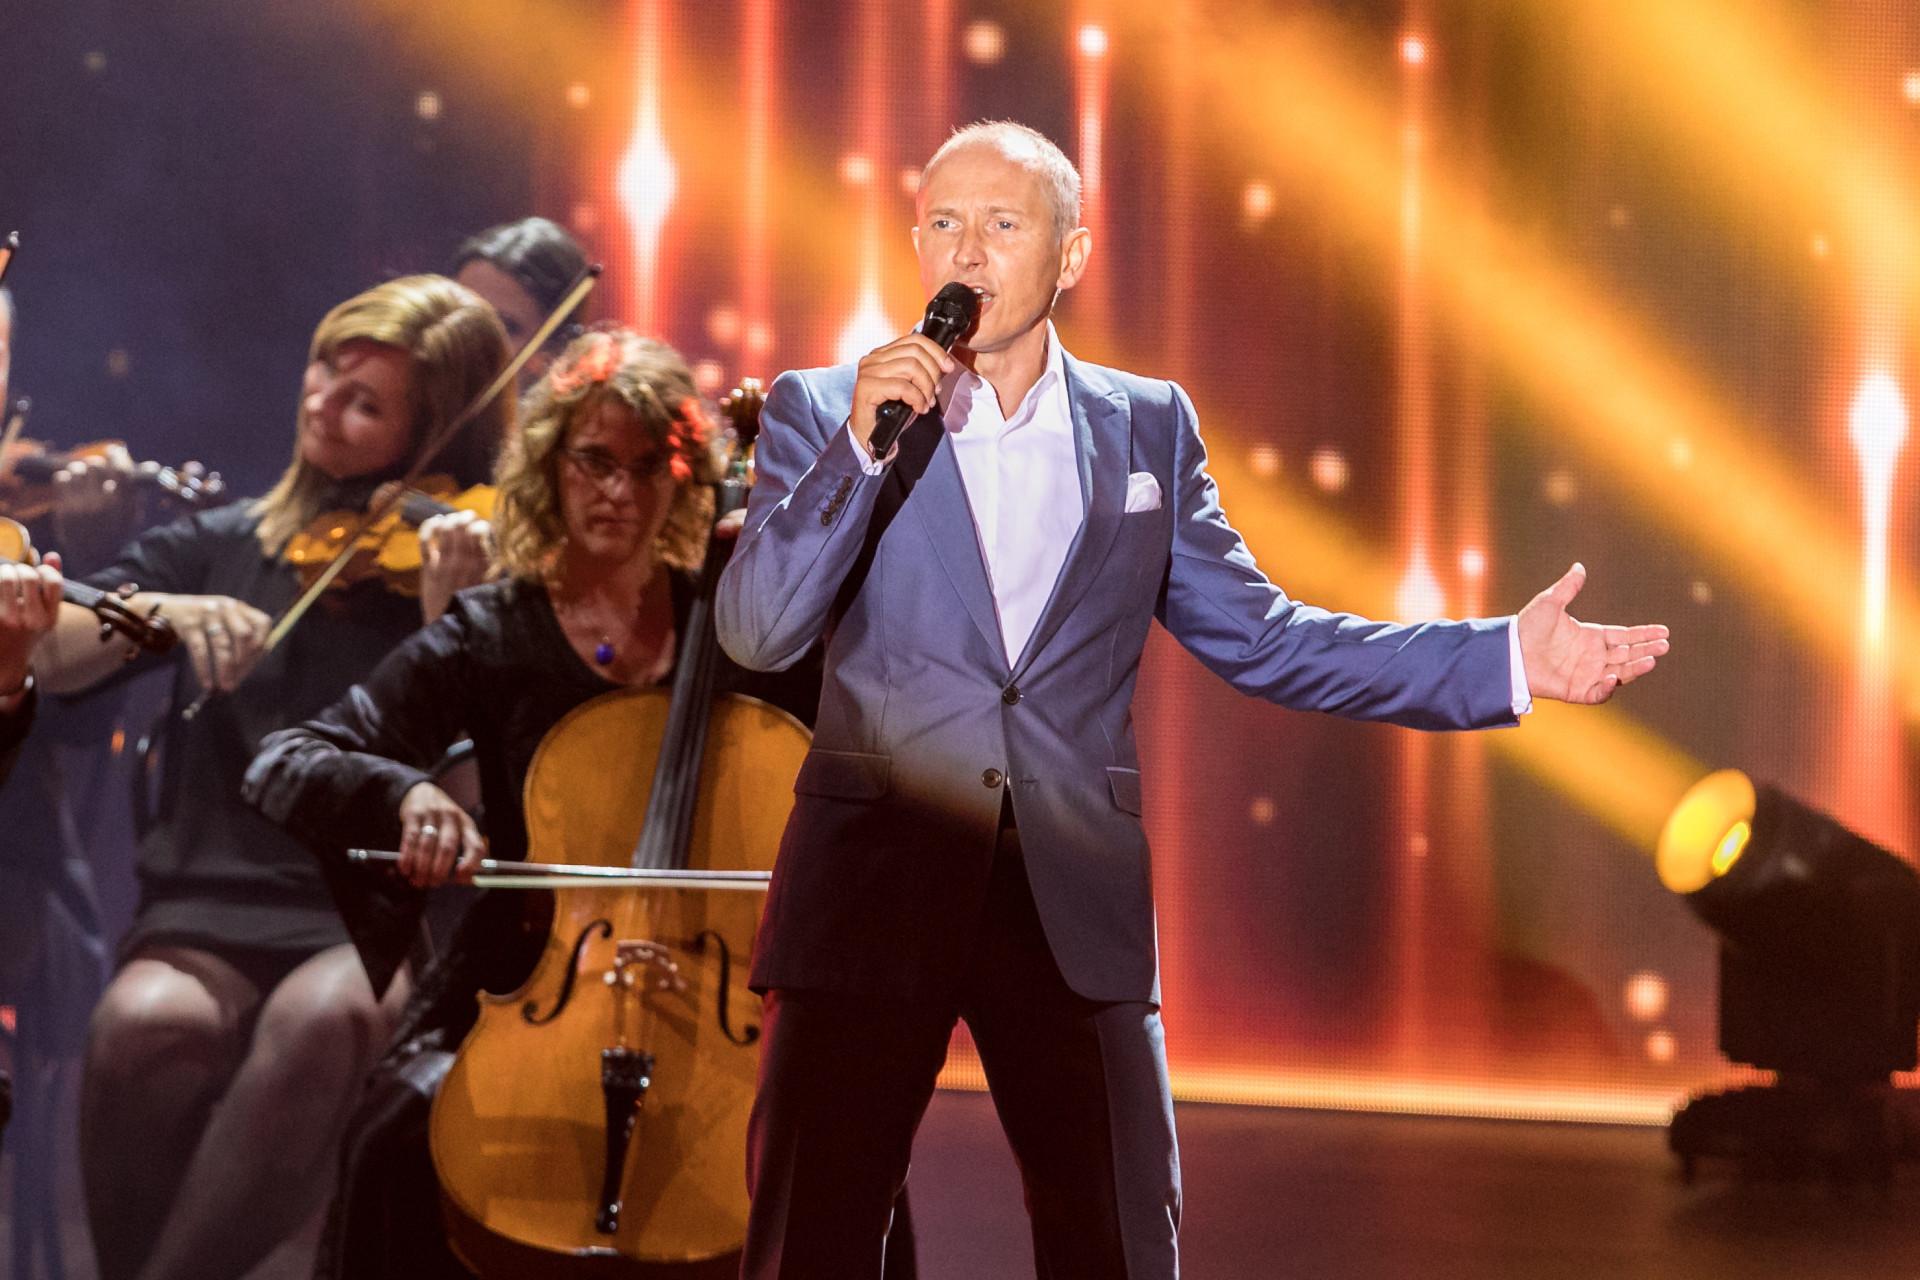 Helmut Lotti: zijn carrière en liefdesleven